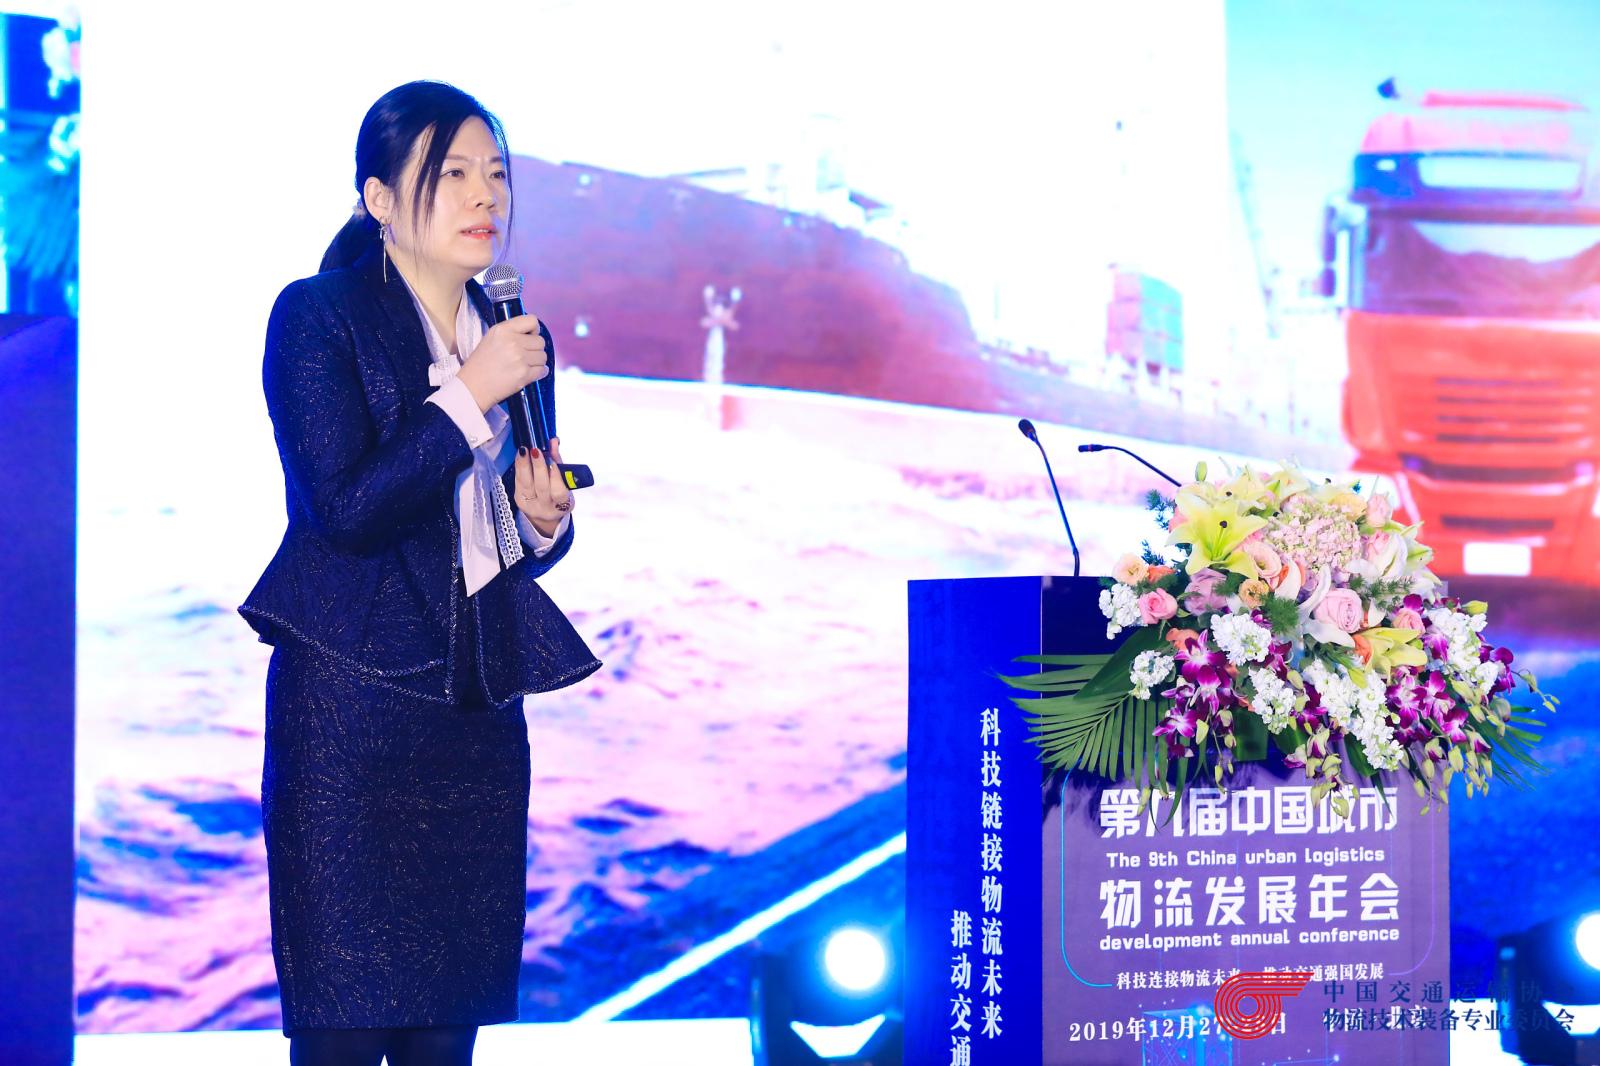 中电骏途新能源科技有限公司总经理张思瑶